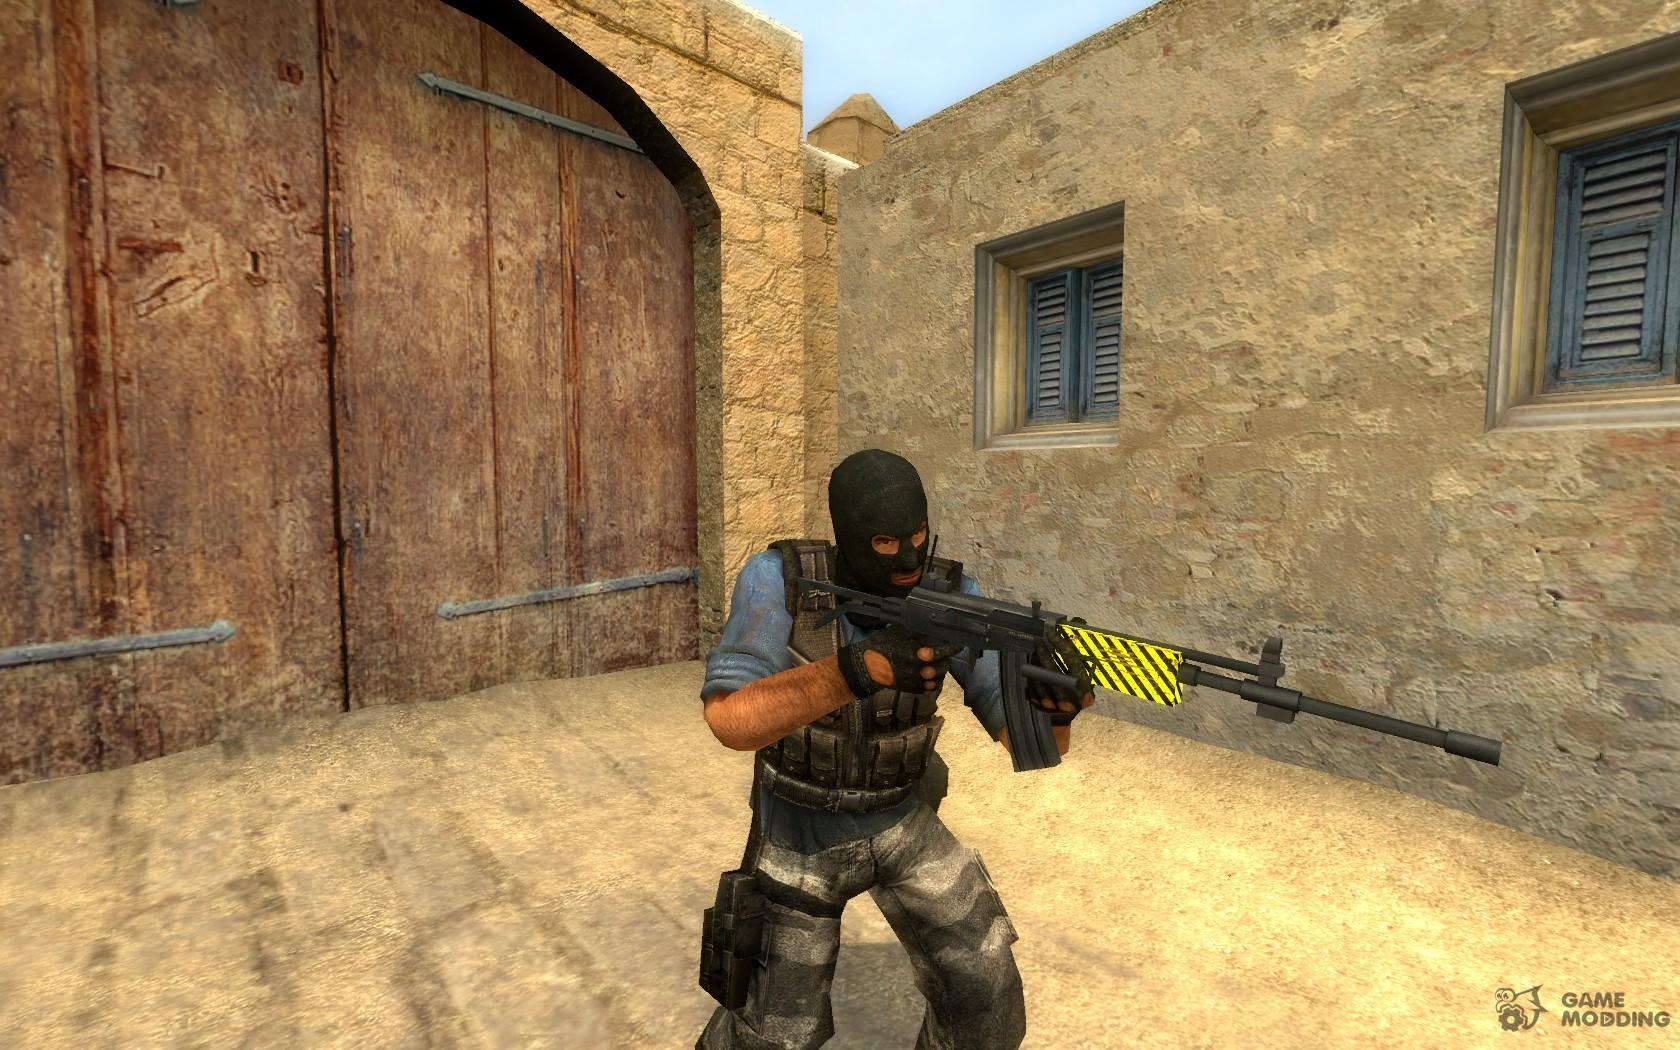 Counter strike source mod cs go jackpot lucky